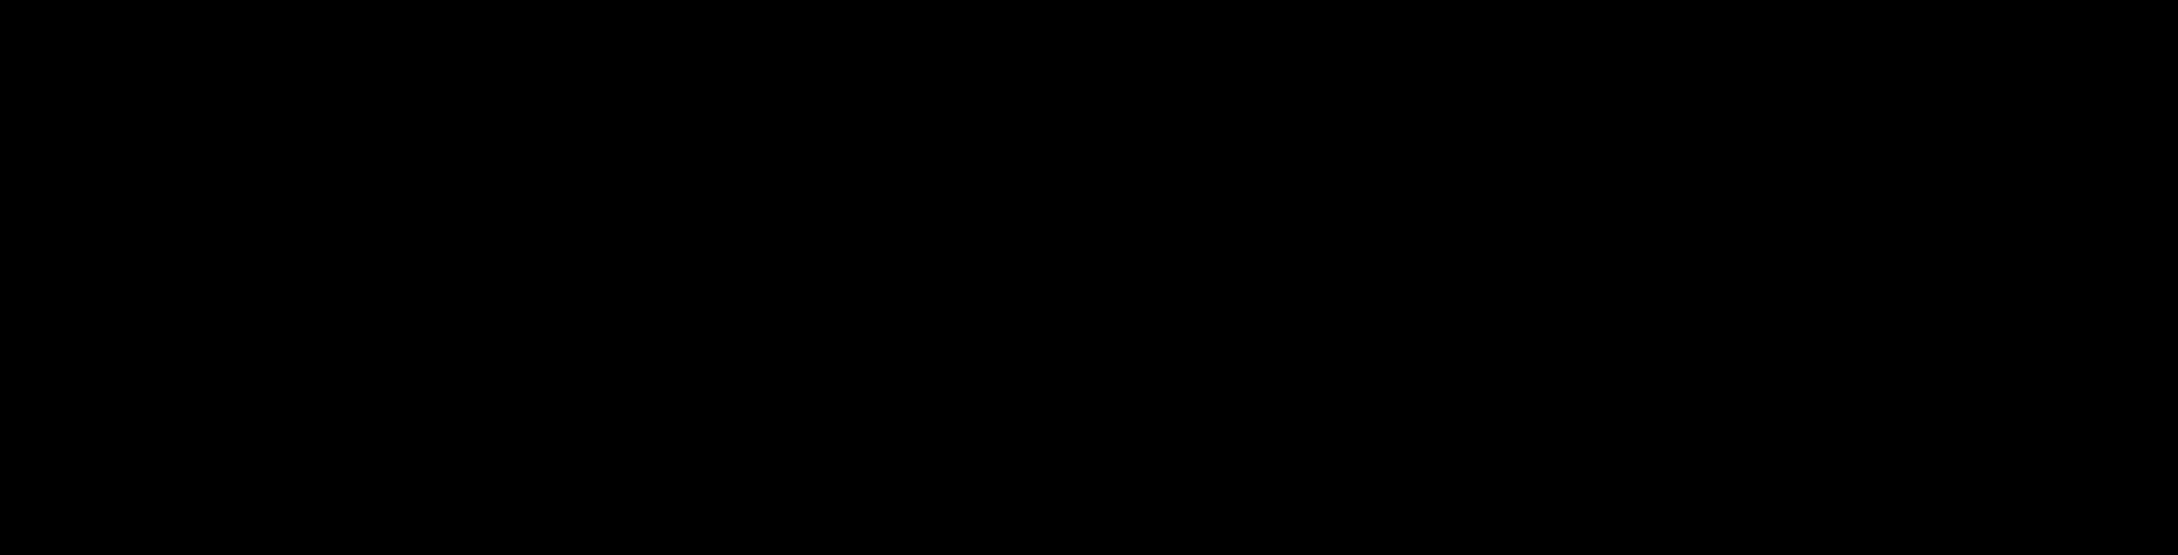 Calligraphactory